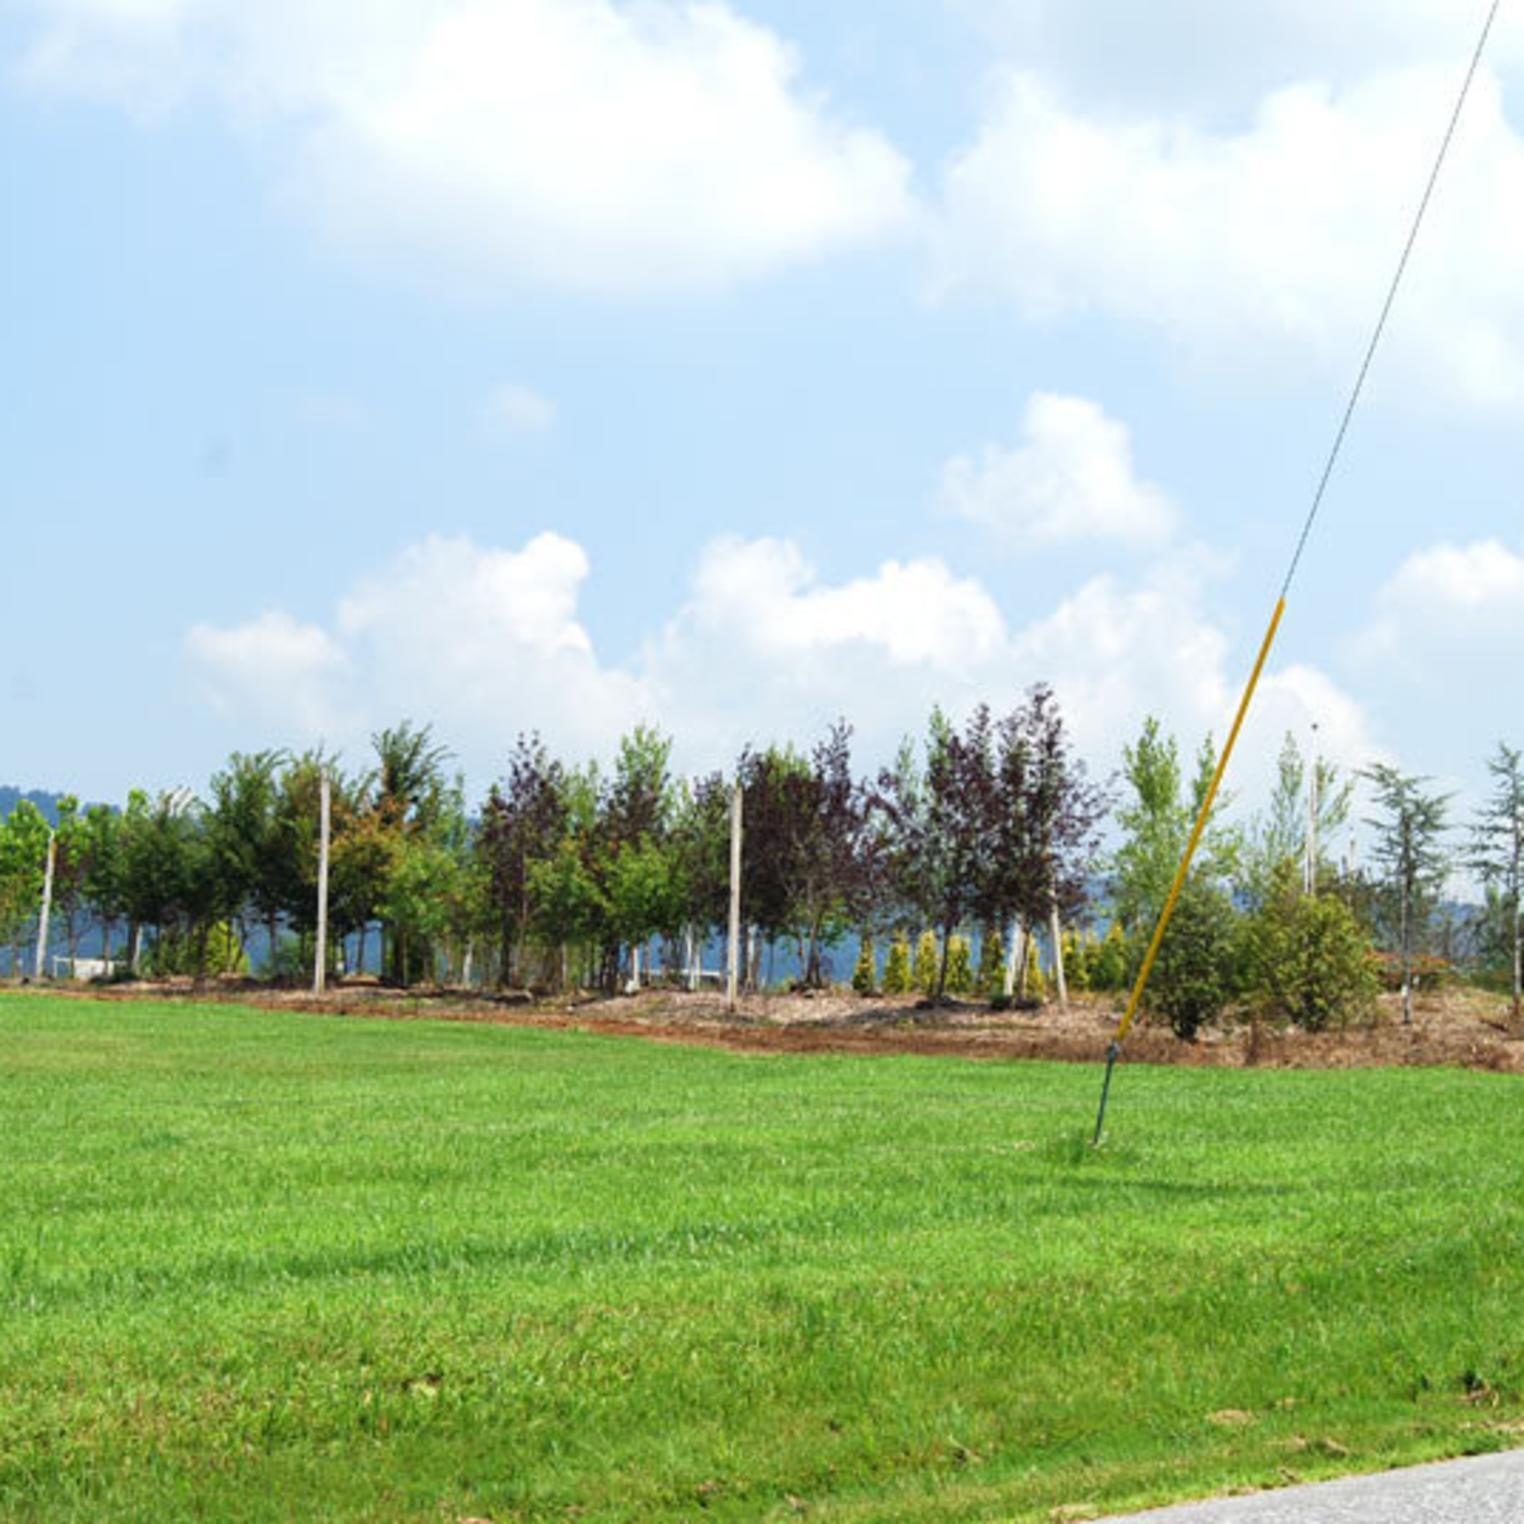 MacNamara Tree Farm